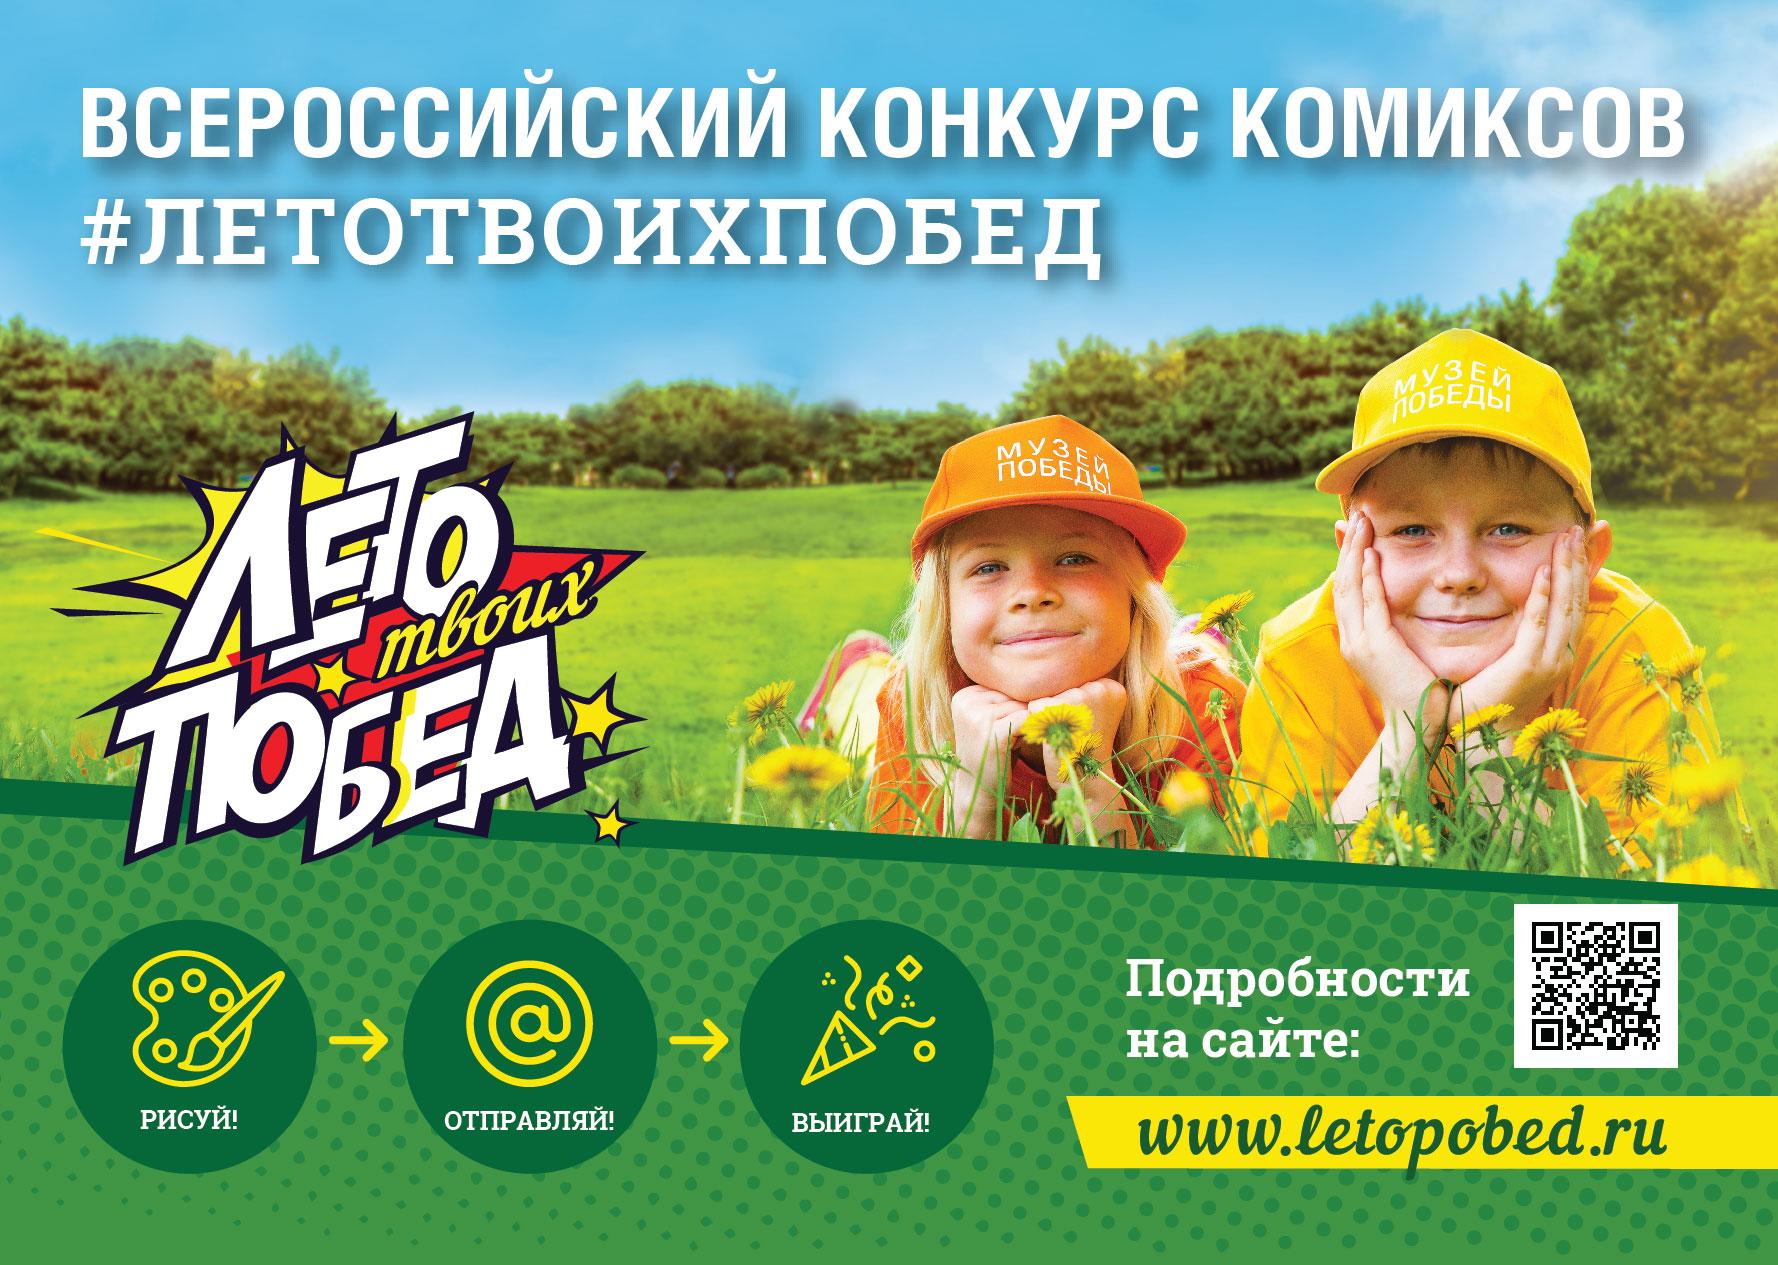 Юных художников из Тверской области приглашают к участию во всероссийском конкурсе детских комиксов